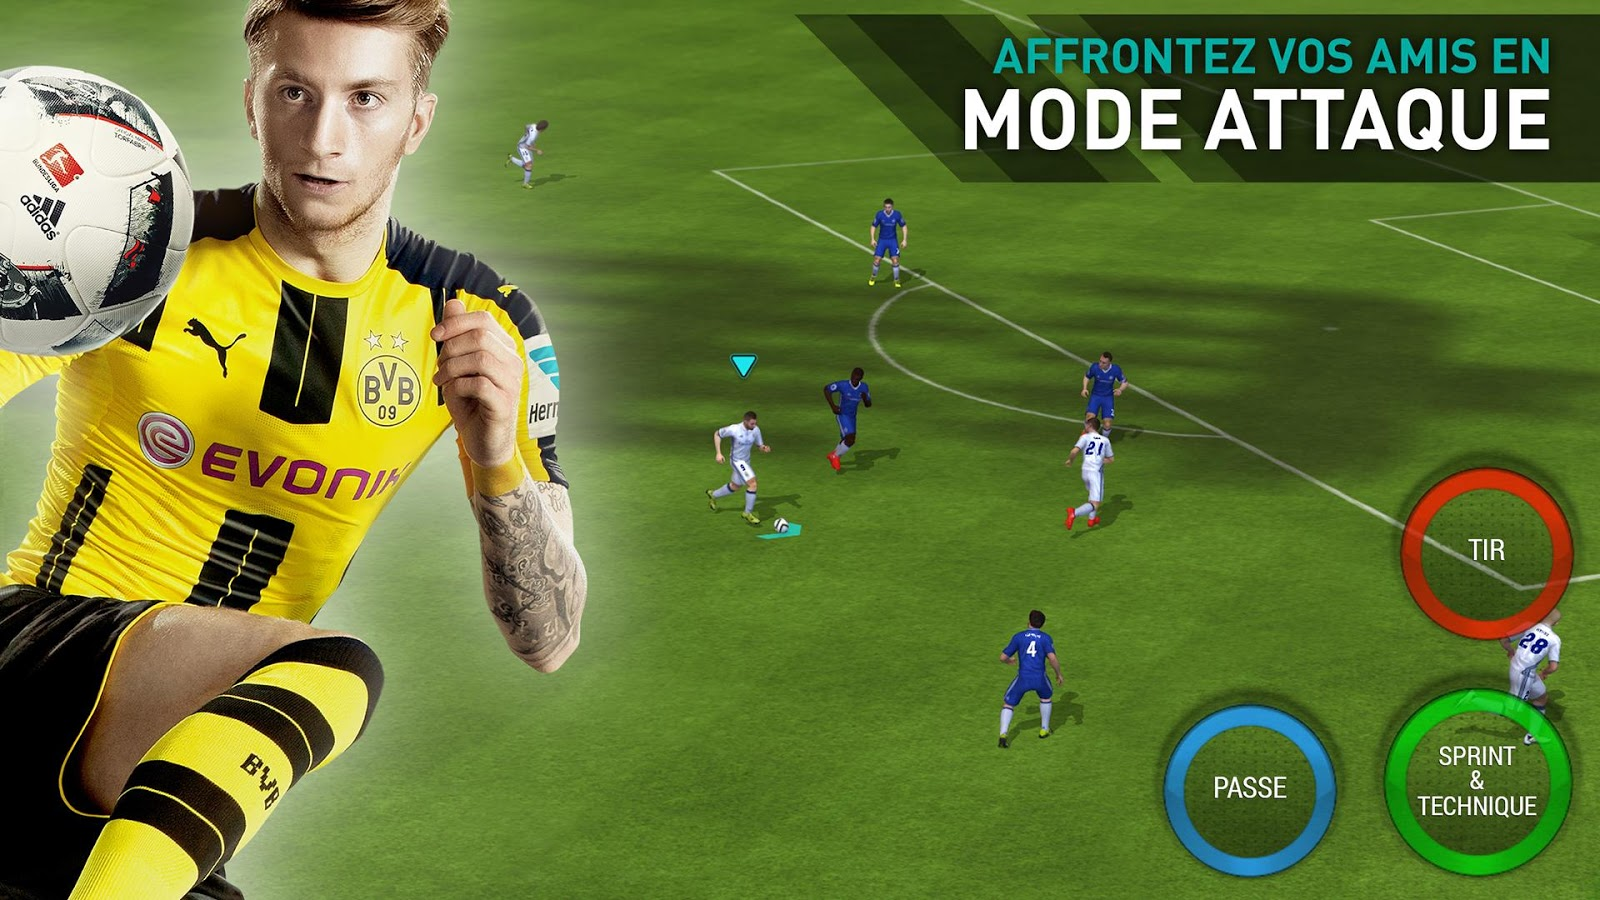 FIFA Mobile dispose d'un mode Attaque. Le but ? Marquer.